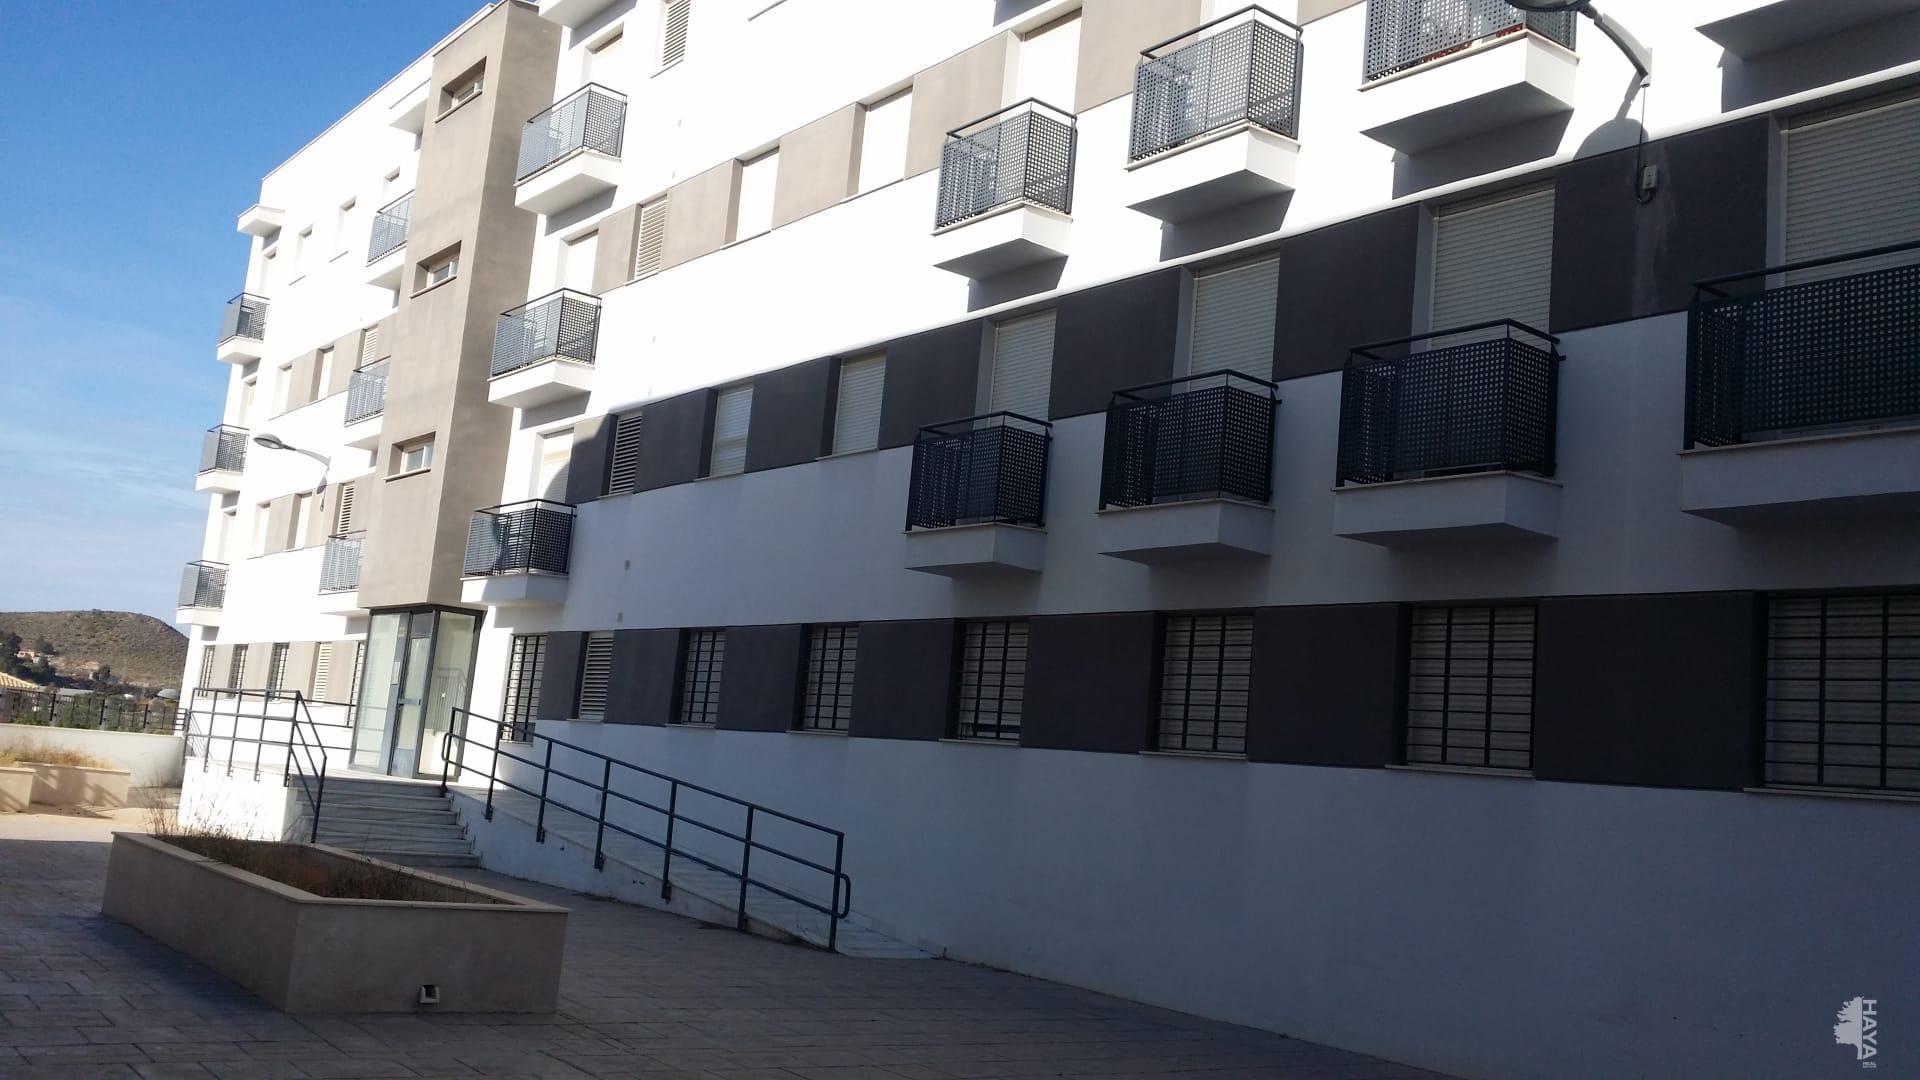 Piso en venta en Olula del Río, Almería, Calle Alta, 67.200 €, 3 habitaciones, 1 baño, 94 m2